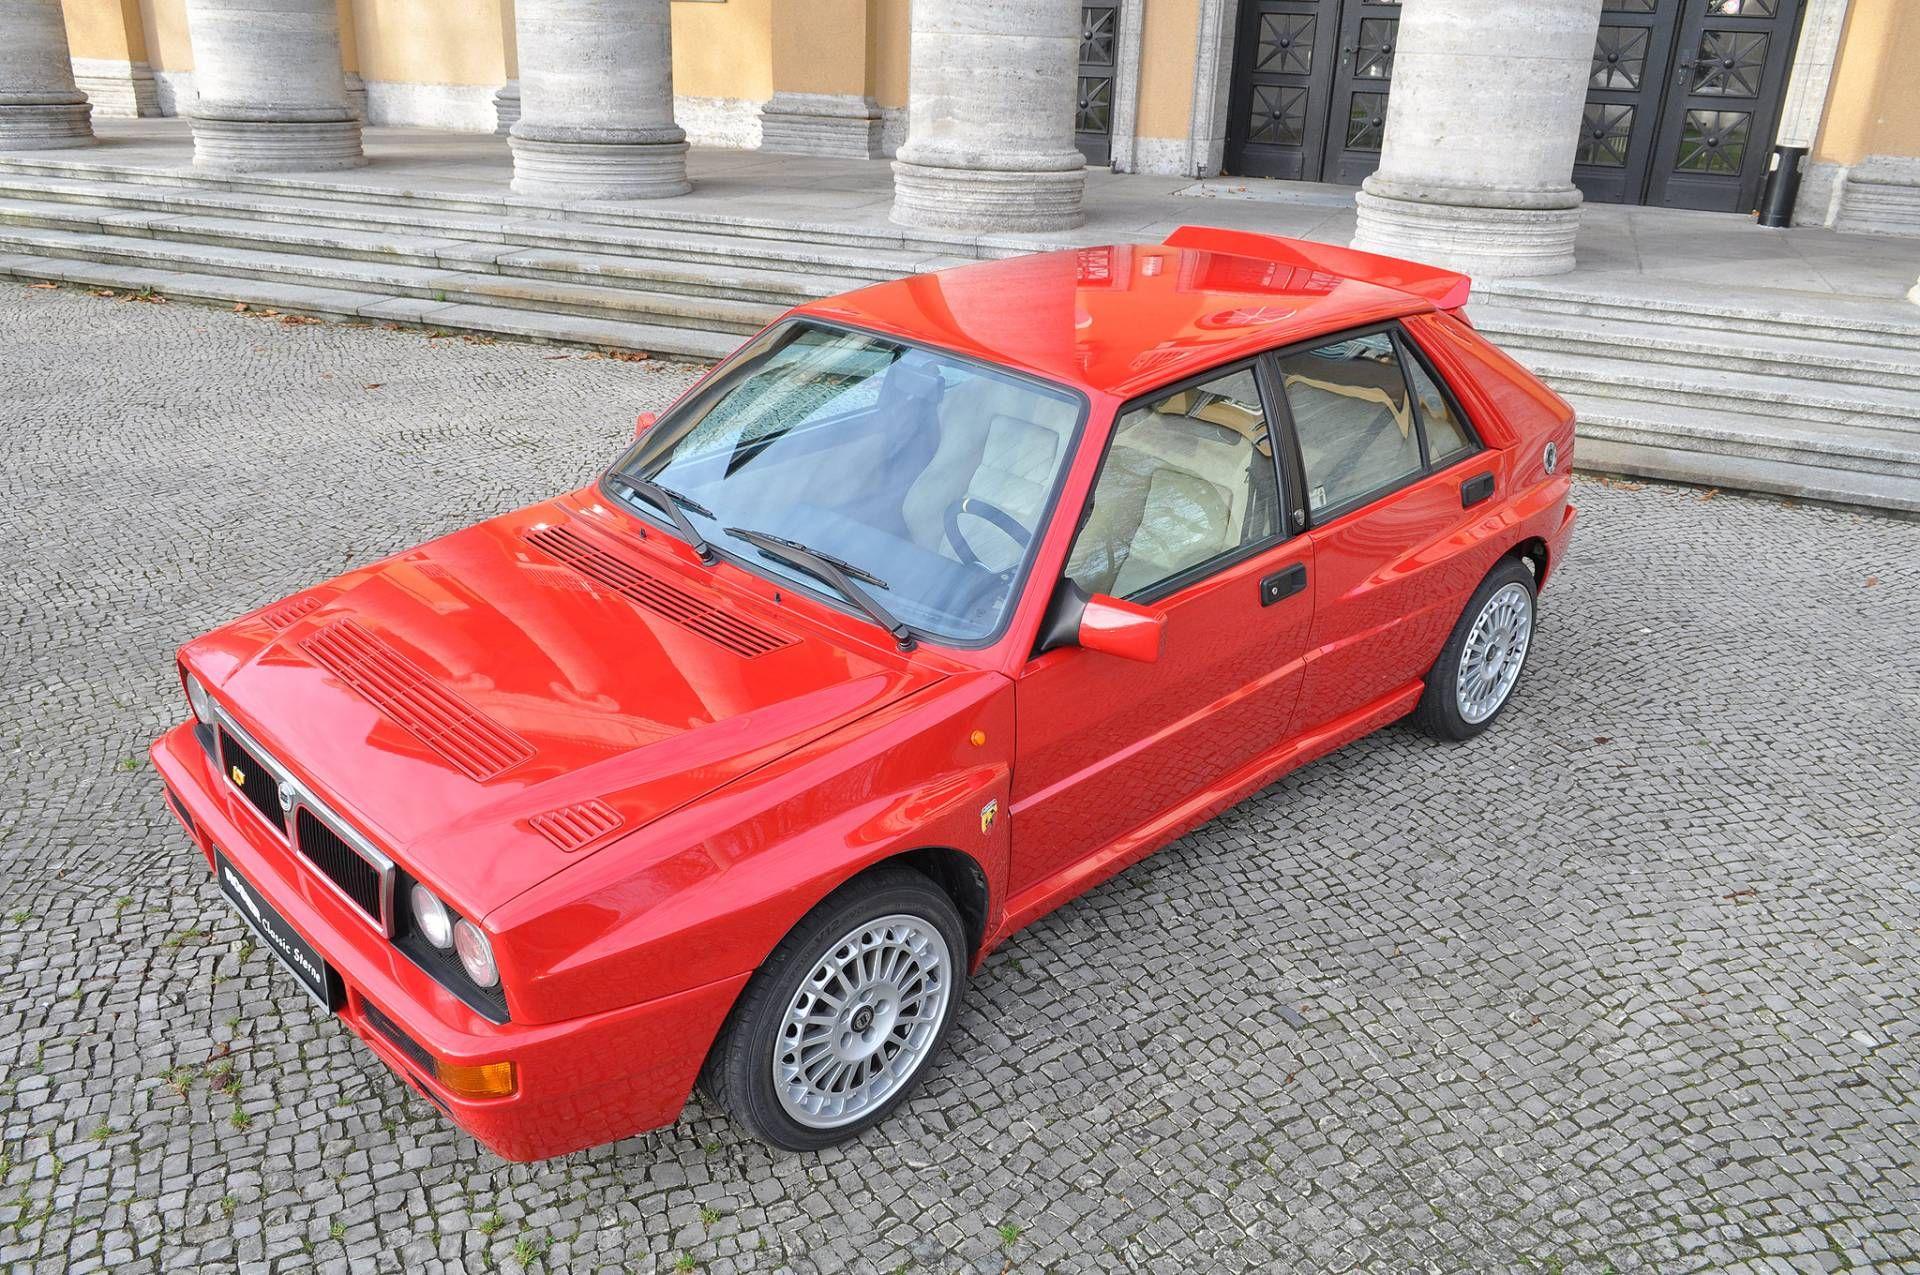 Lancia Delta HF Integrale Evoluzione II -